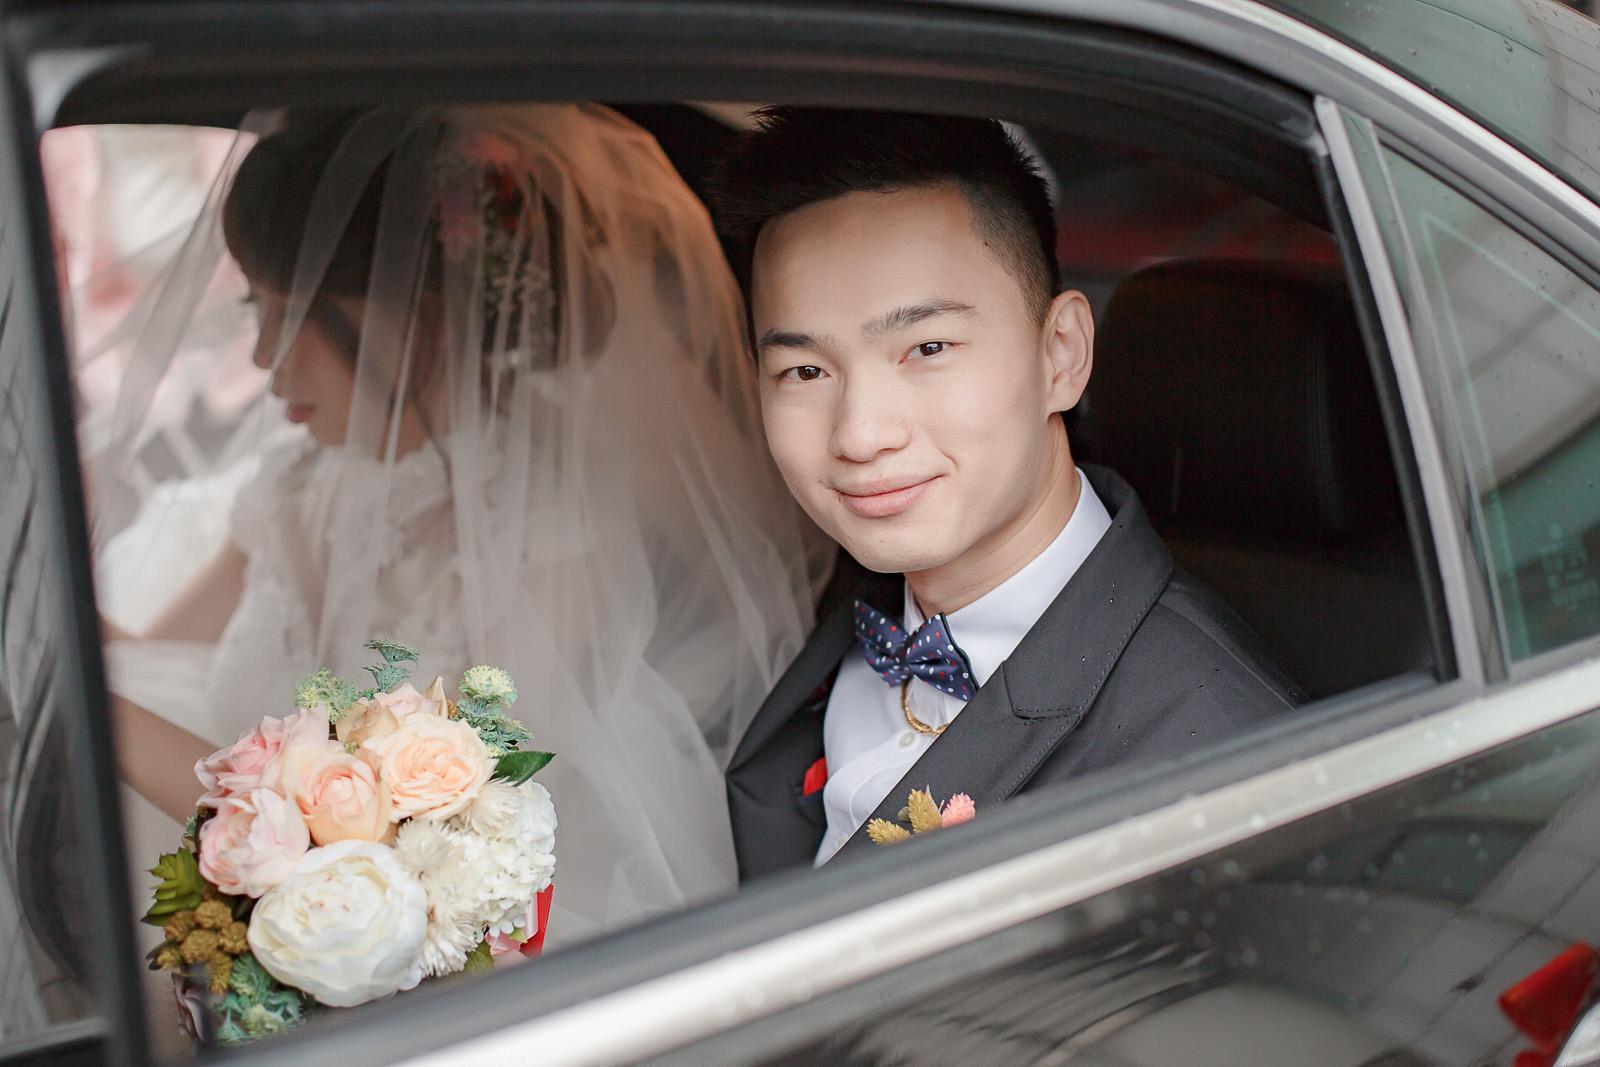 高雄圓山飯店,婚禮攝影,婚攝,高雄婚攝,優質婚攝推薦,Jen&Ethan-162